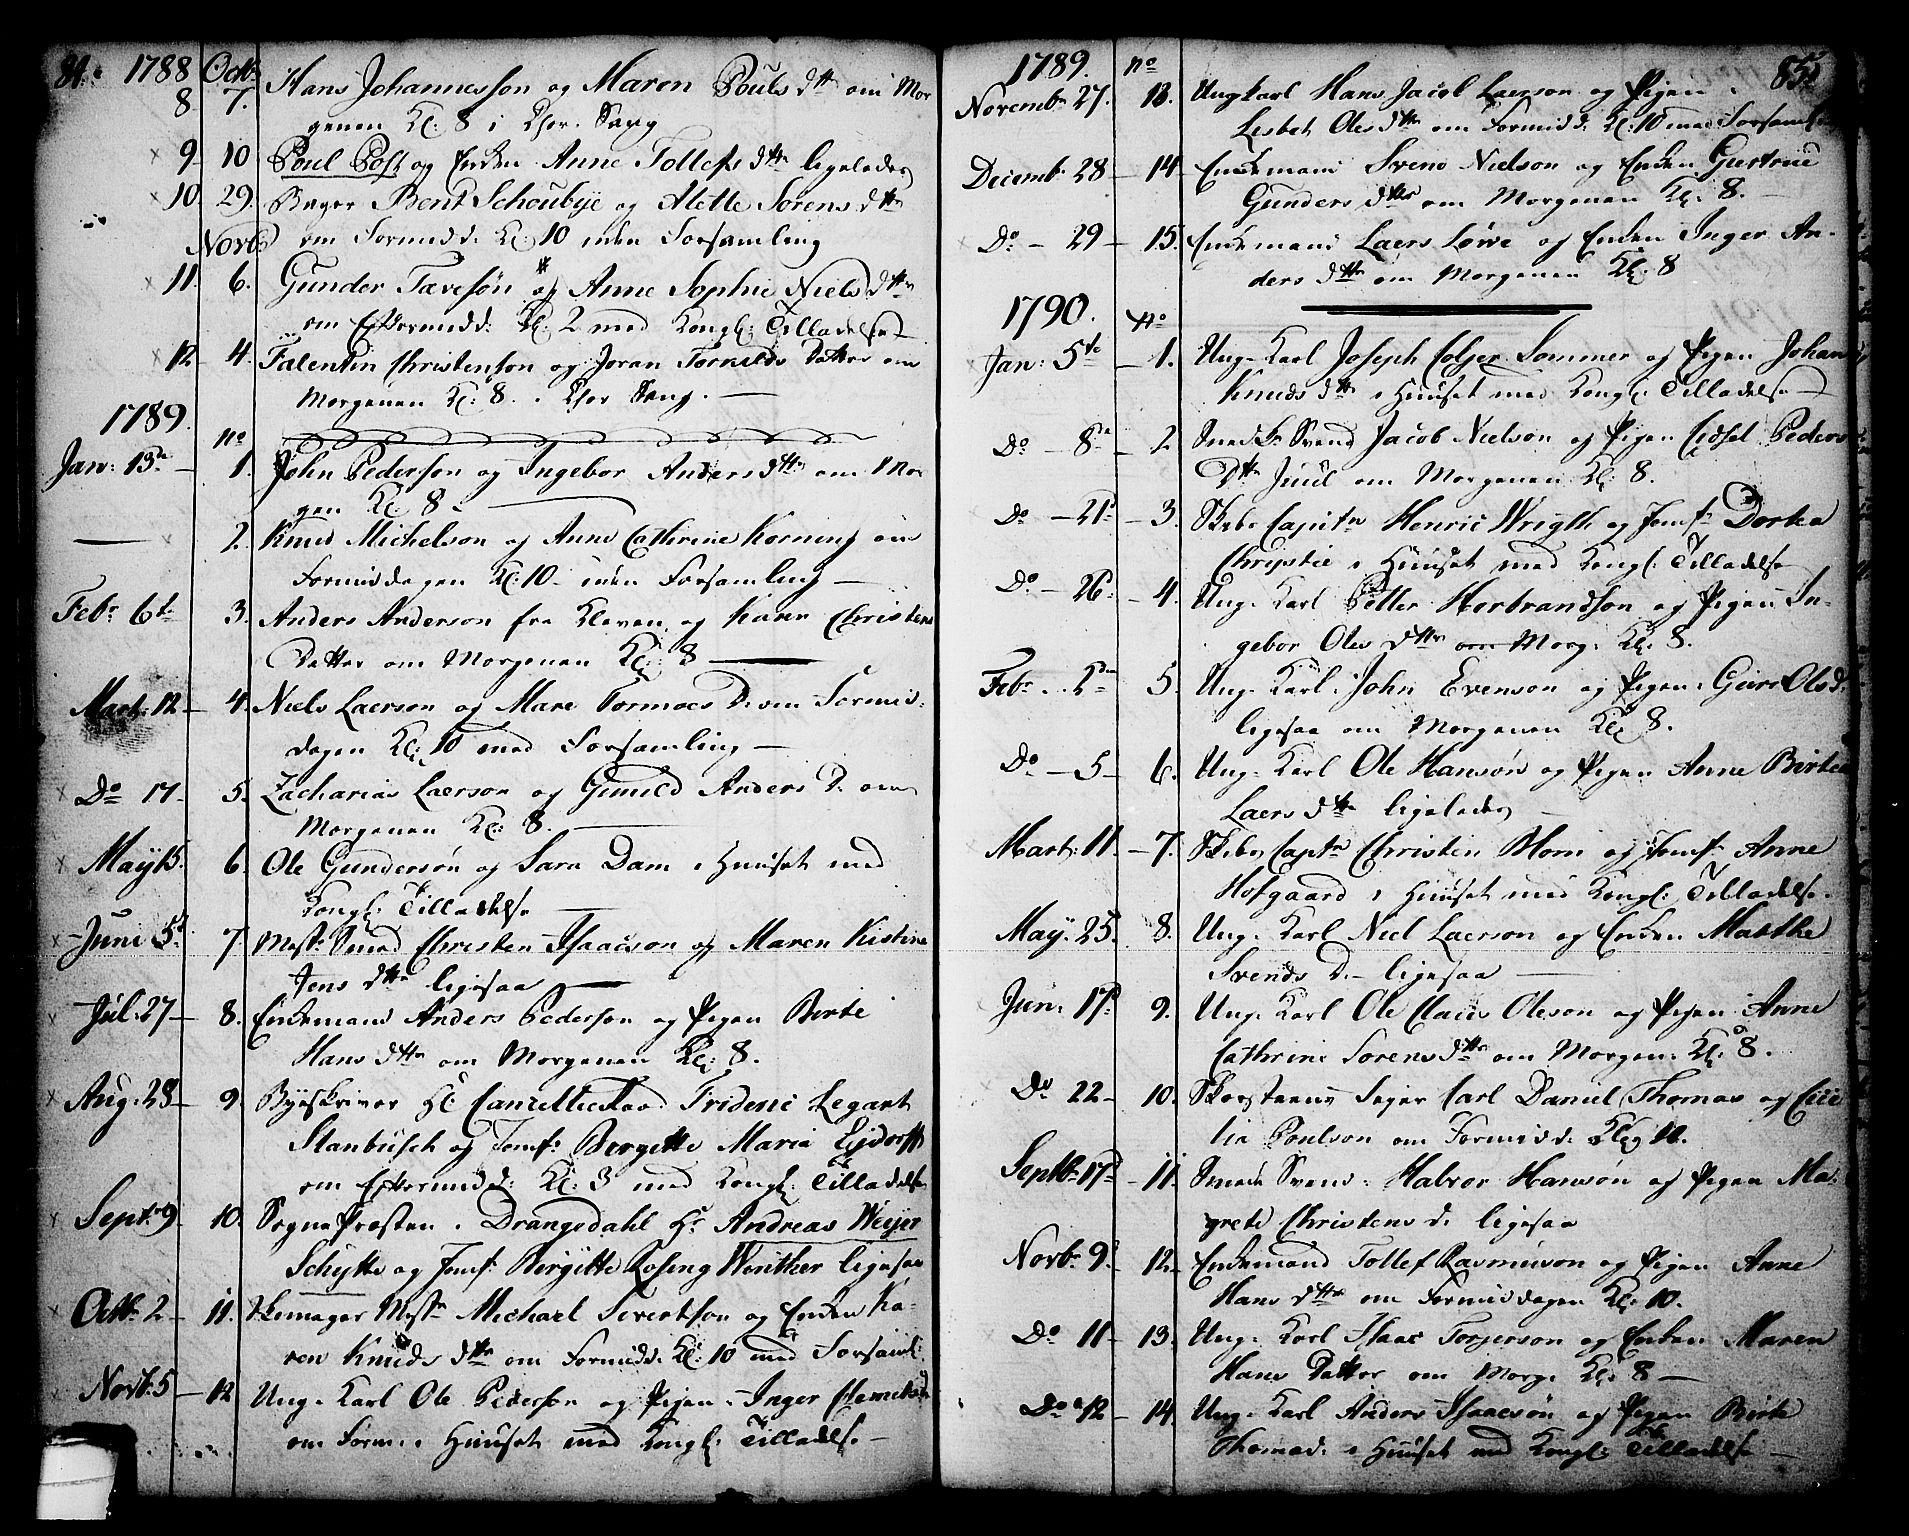 SAKO, Skien kirkebøker, F/Fa/L0003: Ministerialbok nr. 3, 1755-1791, s. 84-85